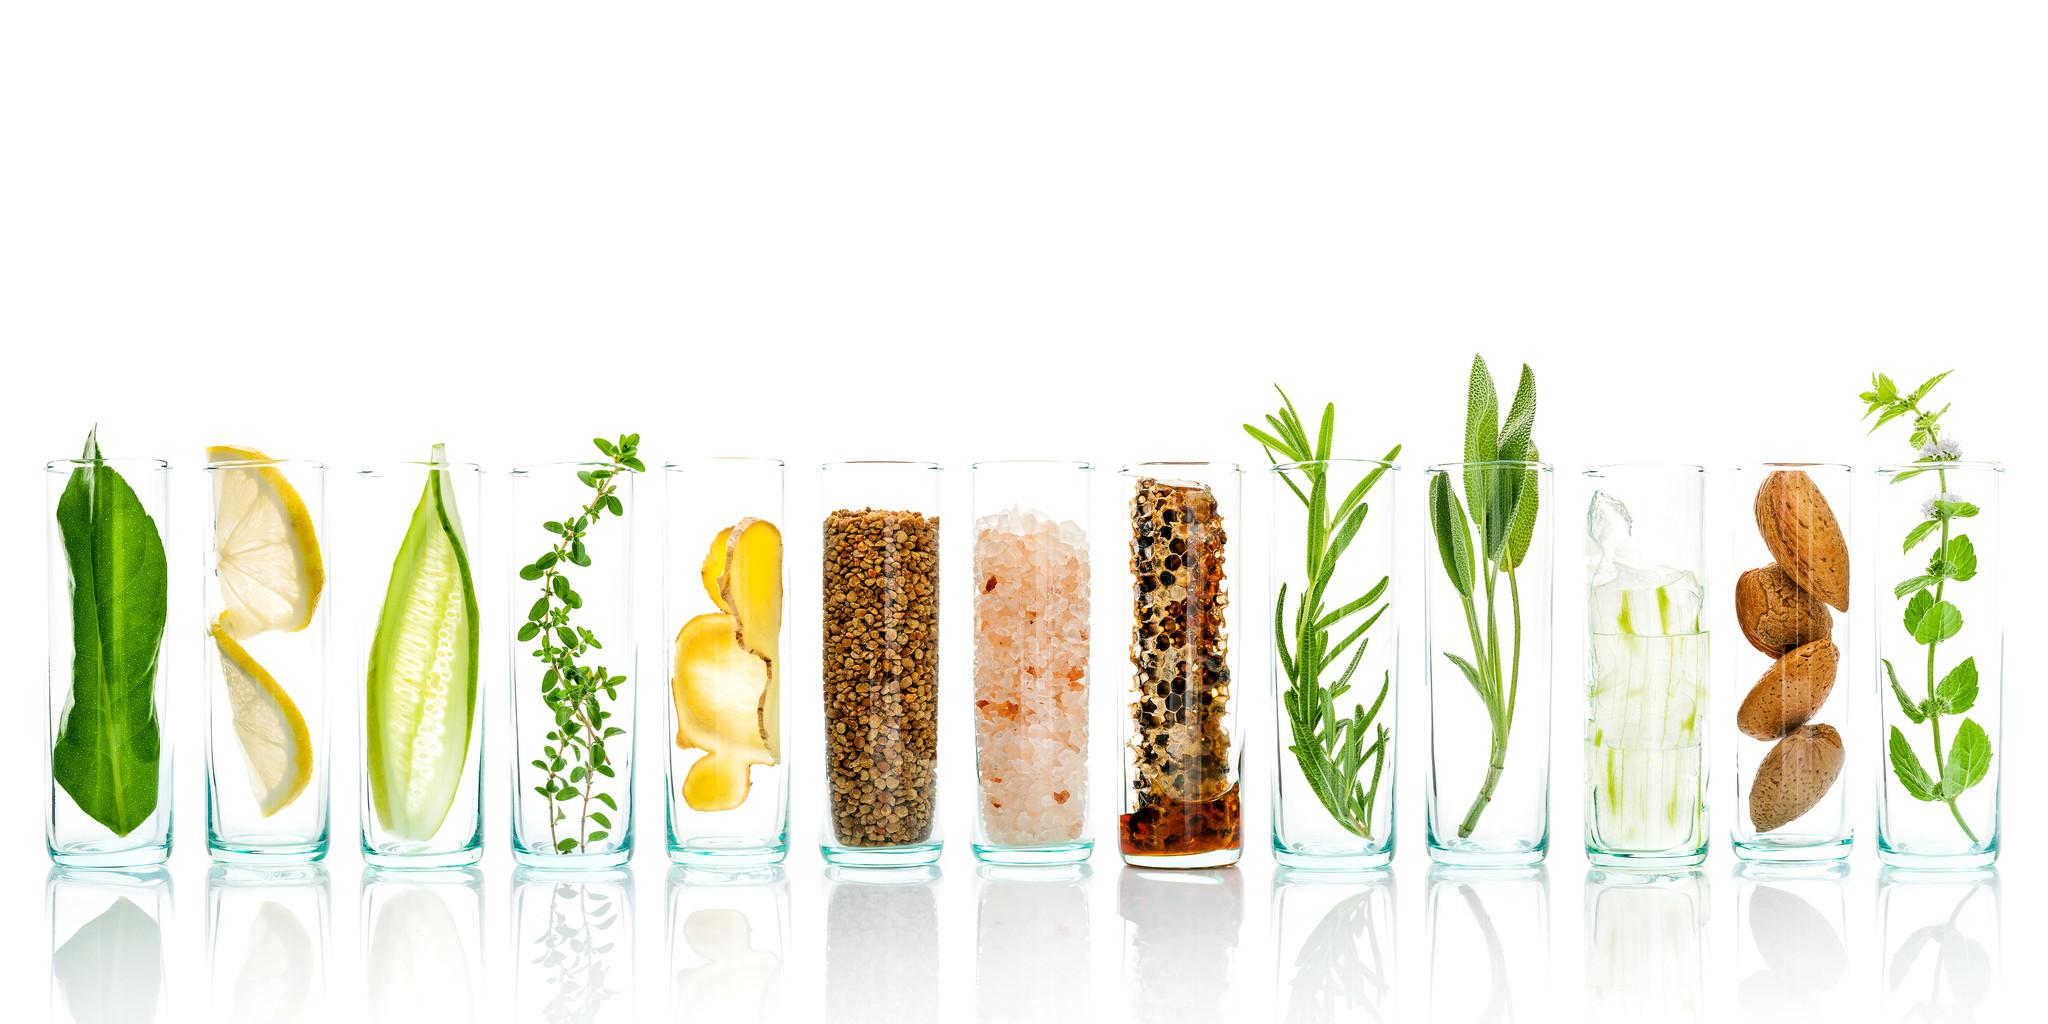 De meest voorkomende Cosmetica ingrediënten.jpg